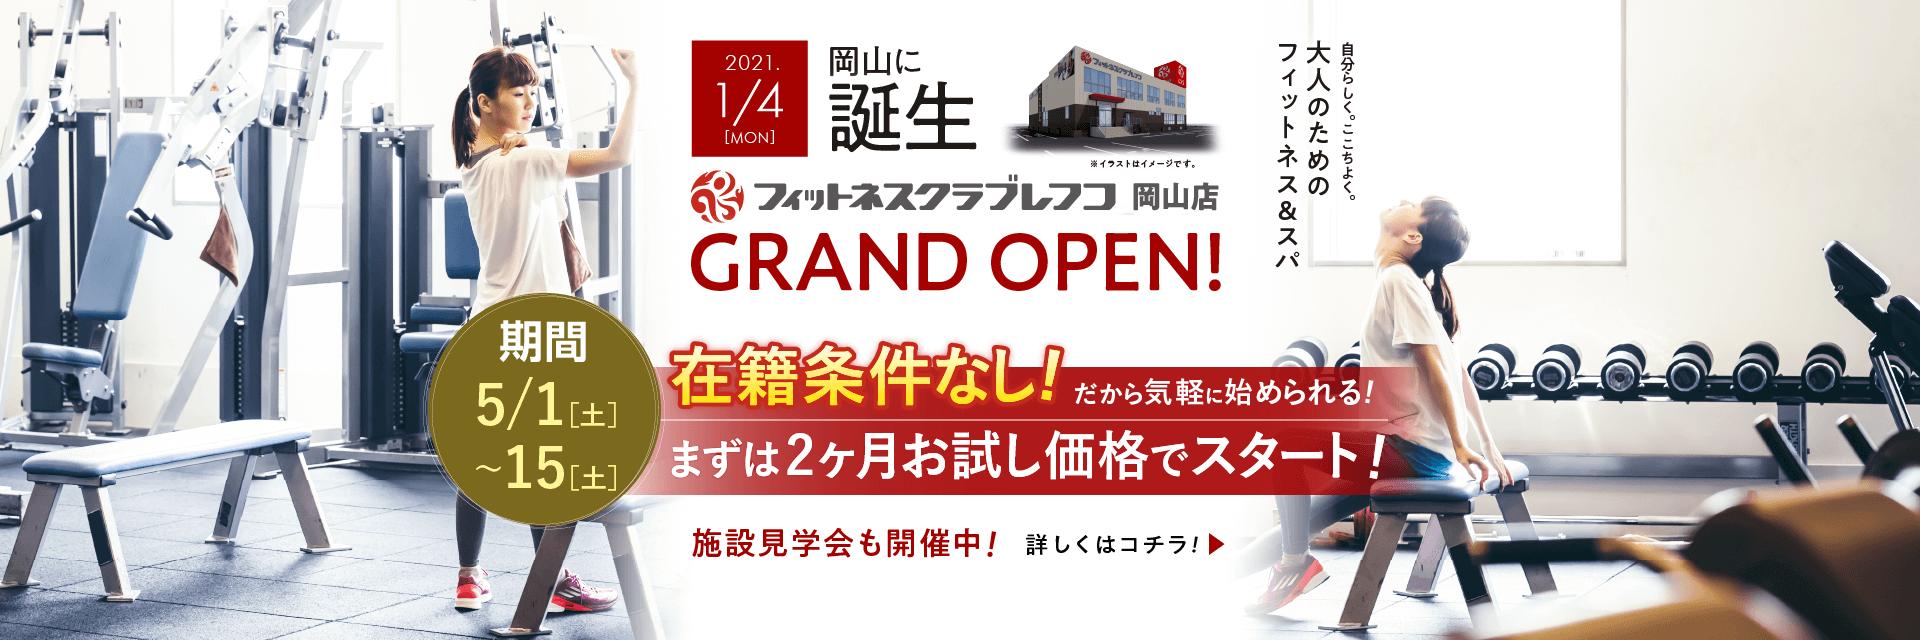 フィットネスクラブレフコ岡山店グランドオープン特別キャンペーン実施中!